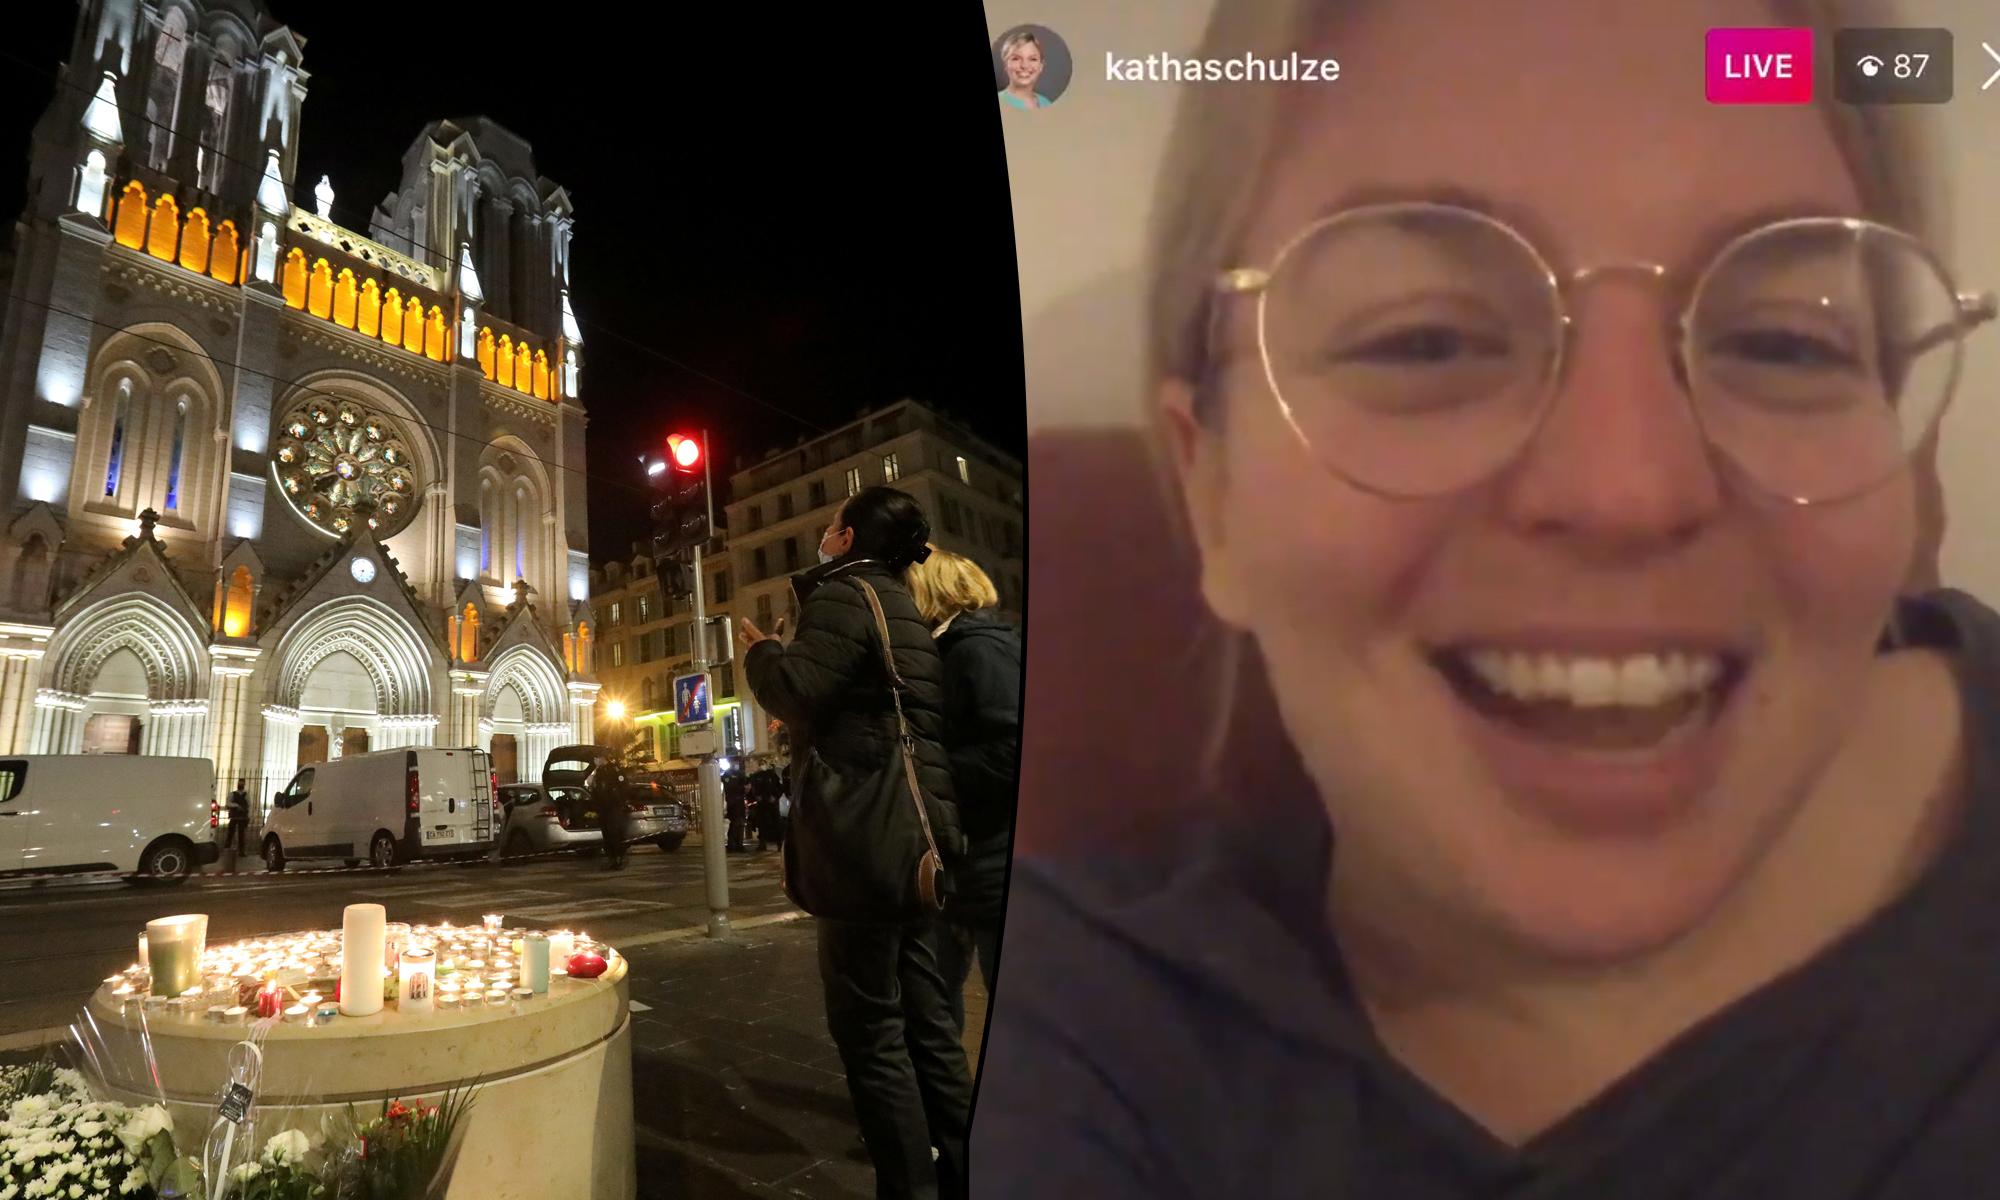 Gedenken an Opfer von Attentat in Nizza, Katharina Schulze freut sich über ihre Ideen